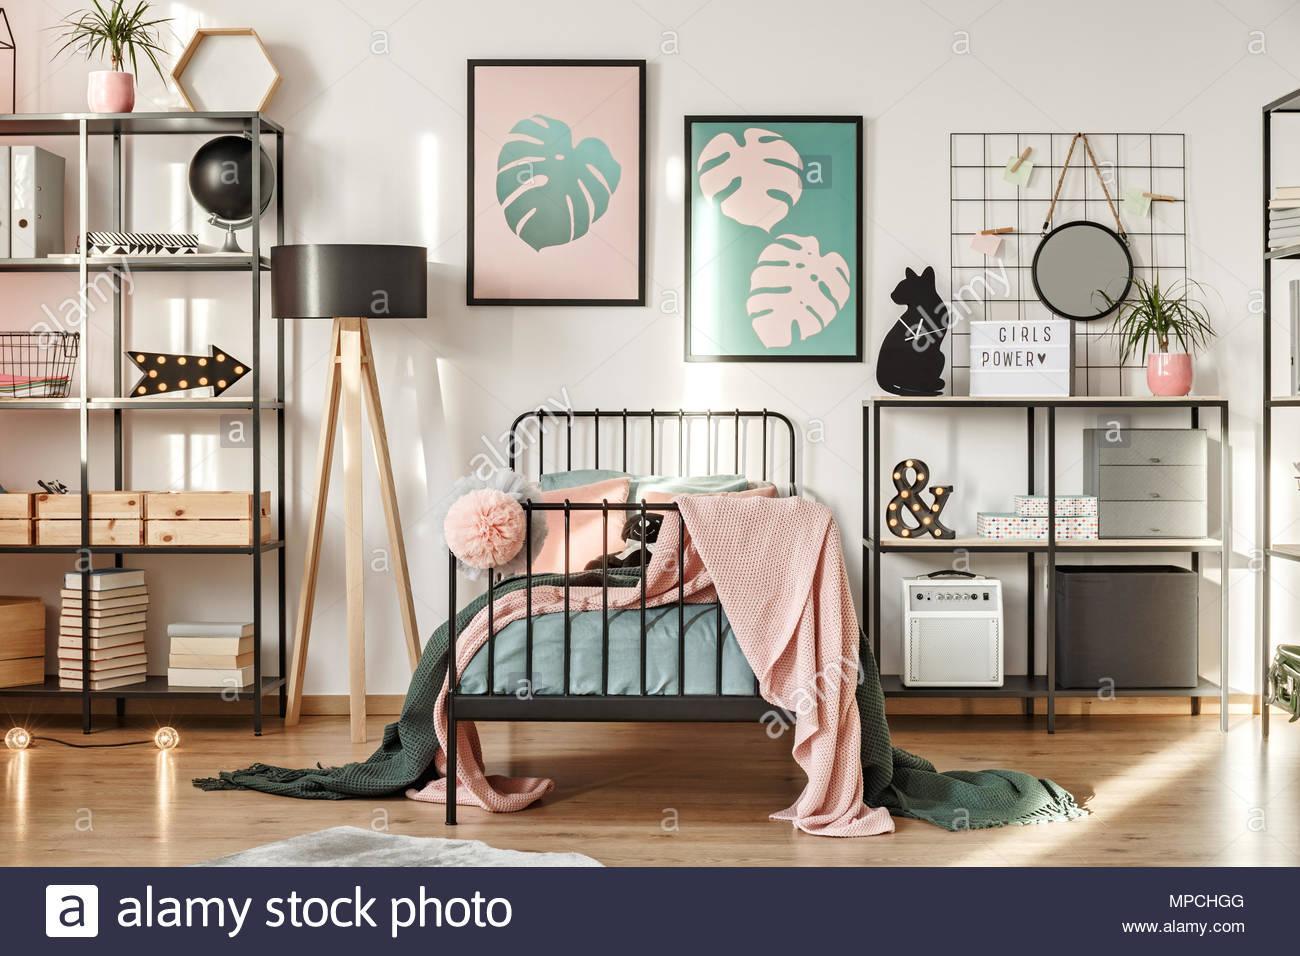 Dekoration Schlafzimmer Mädchen